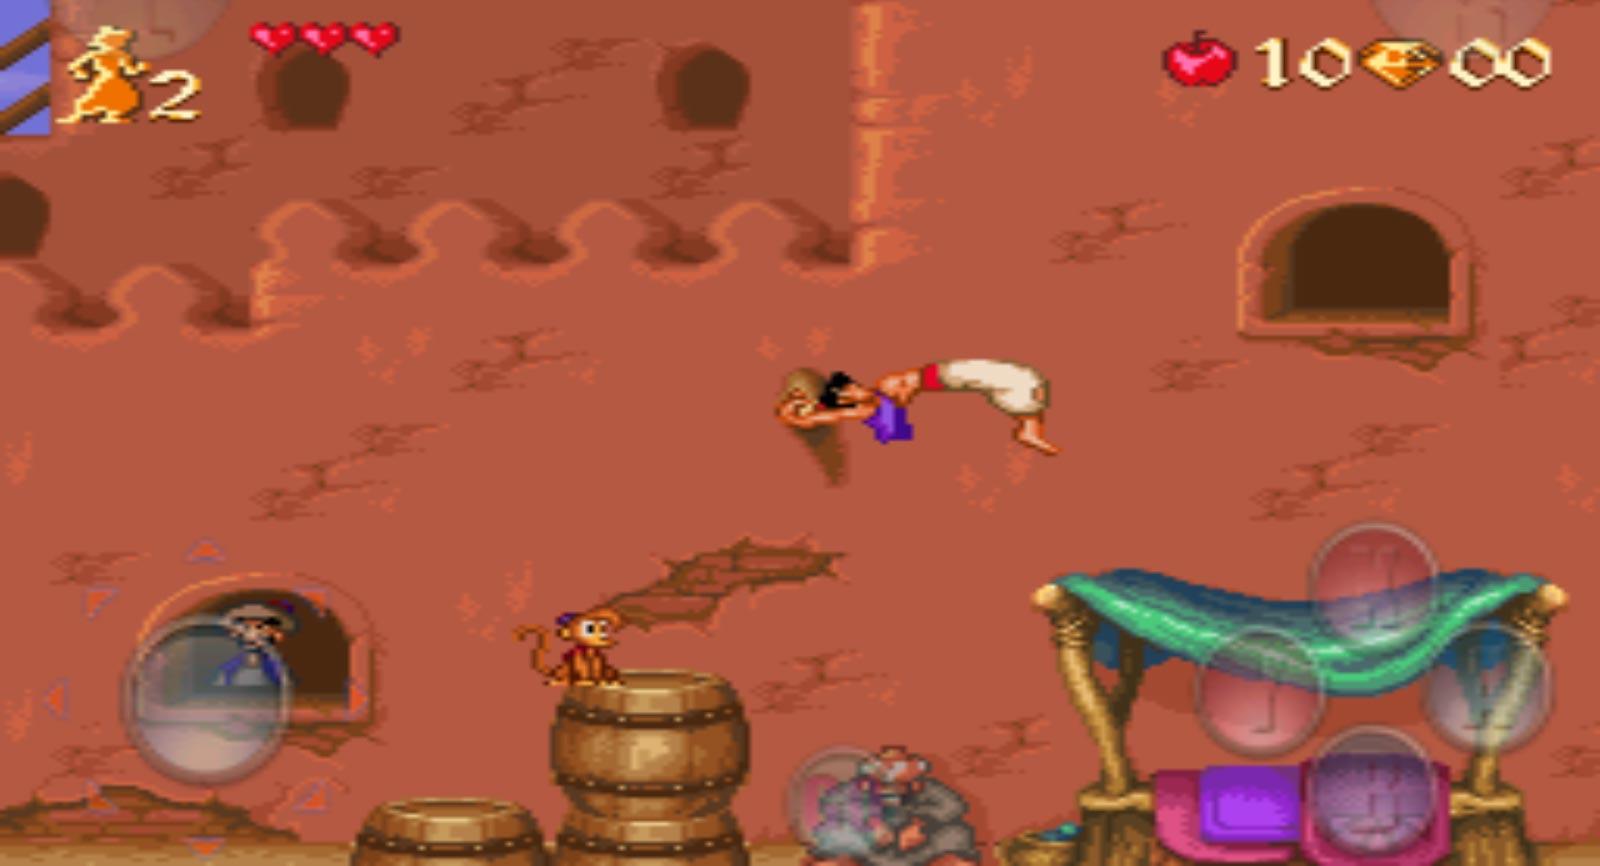 لعبة علاء الدين اتاري Aladdin - منصة تجربة